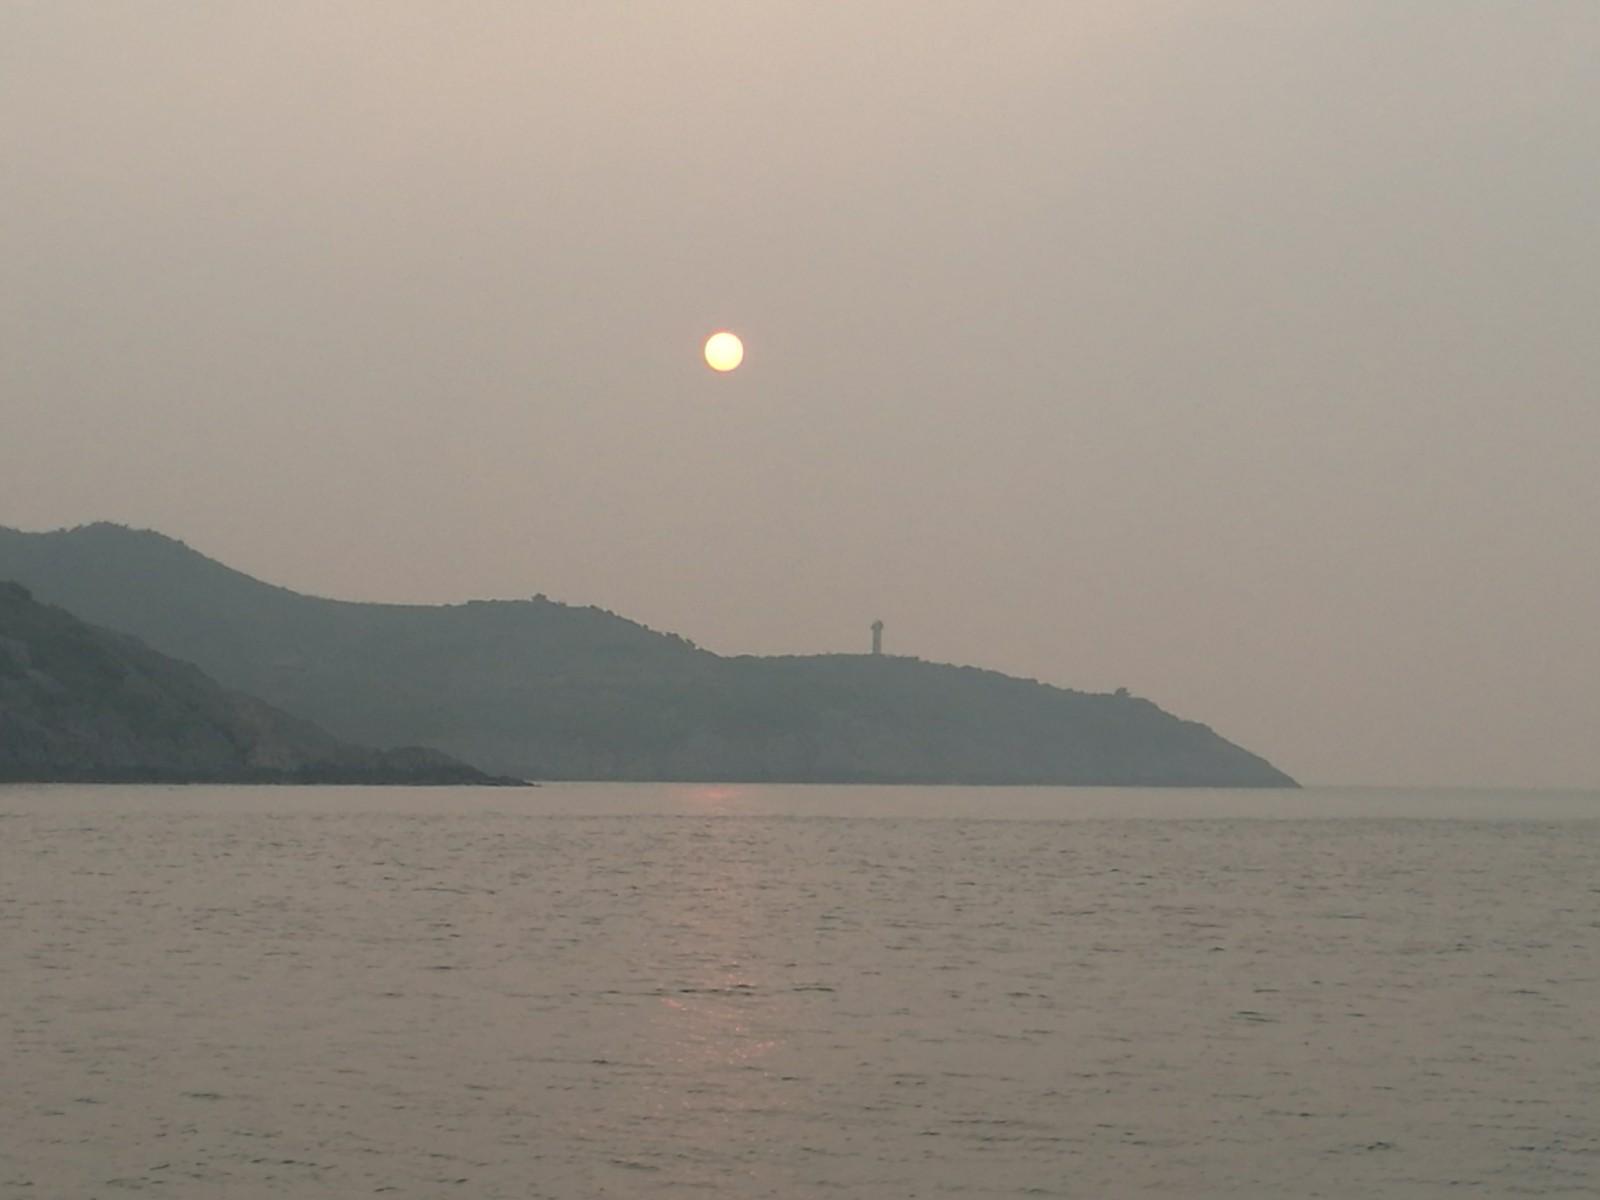 nbsp,岛屿,只能,一样,海域 真正的历练才刚刚开始,航海就是挑战自己——唐山号返航记(中篇)  163625bte1an4n